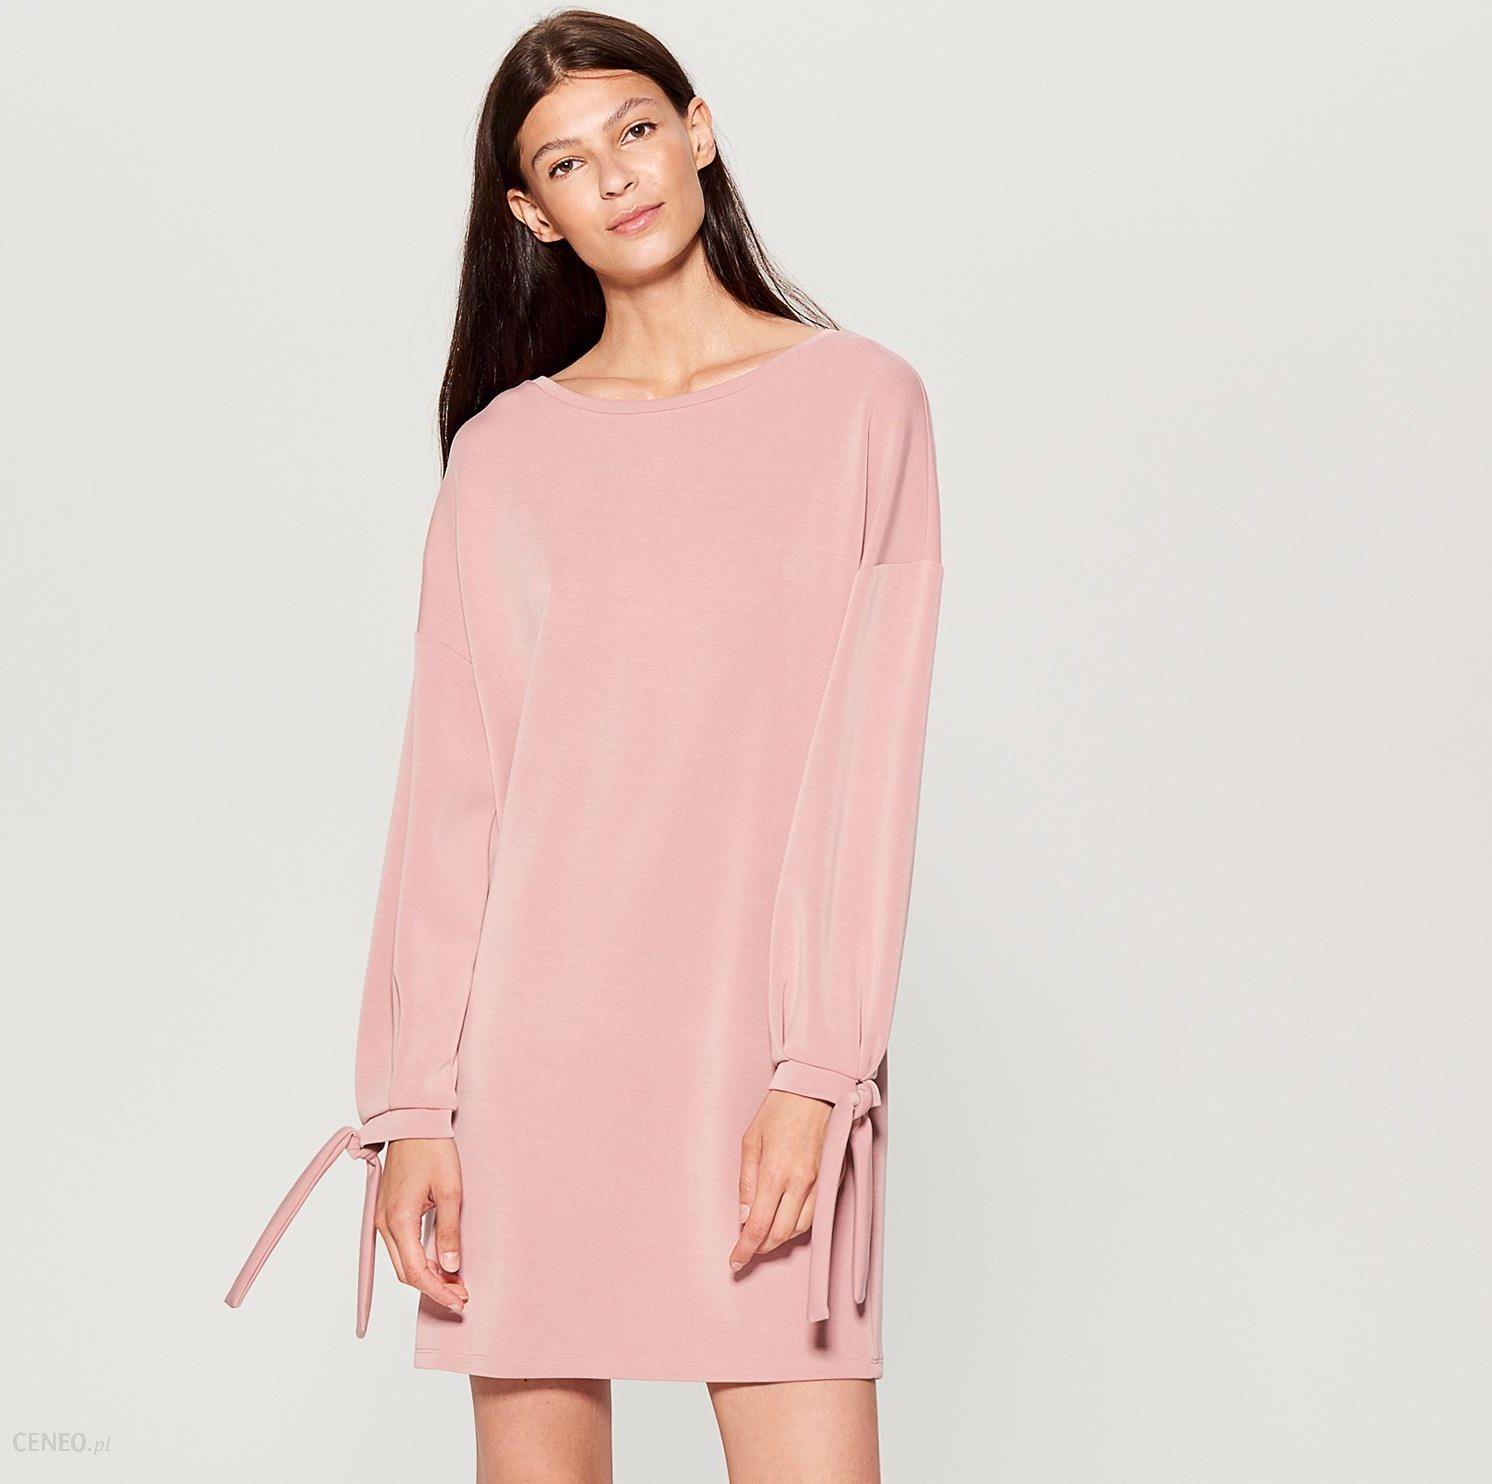 12f474fbb5 Mohito - Dzianinowa sukienka oversize - Różowy - Ceny i opinie ...